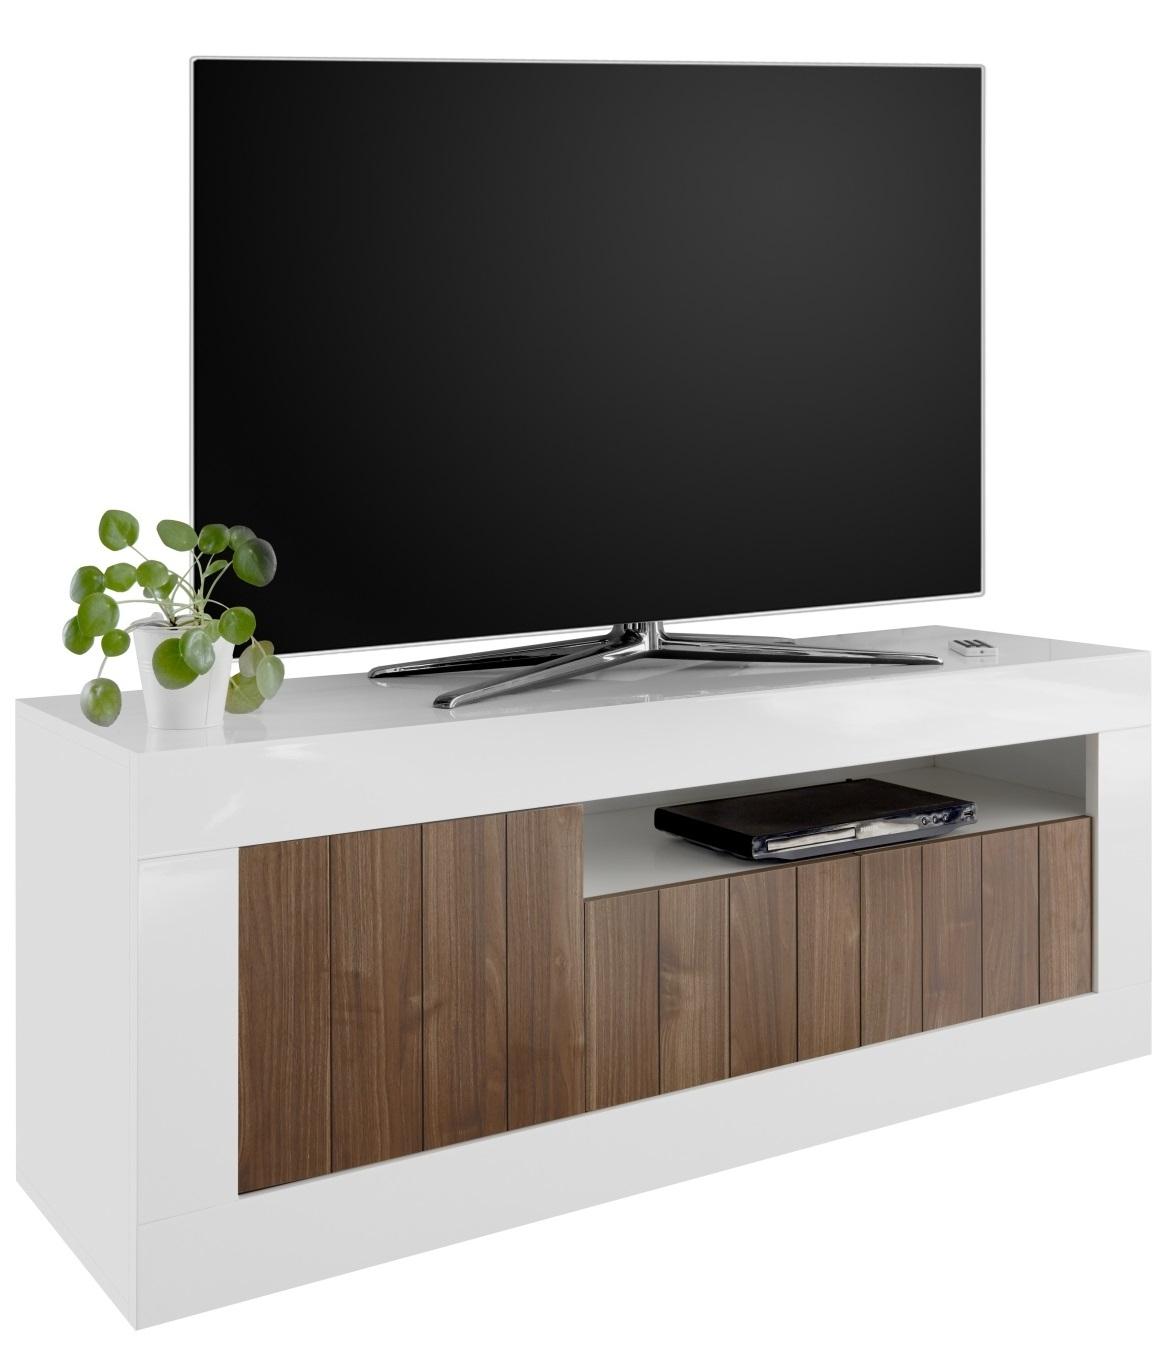 Tv-meubel Urbino 138 cm breed in hoogglans wit met walnoot